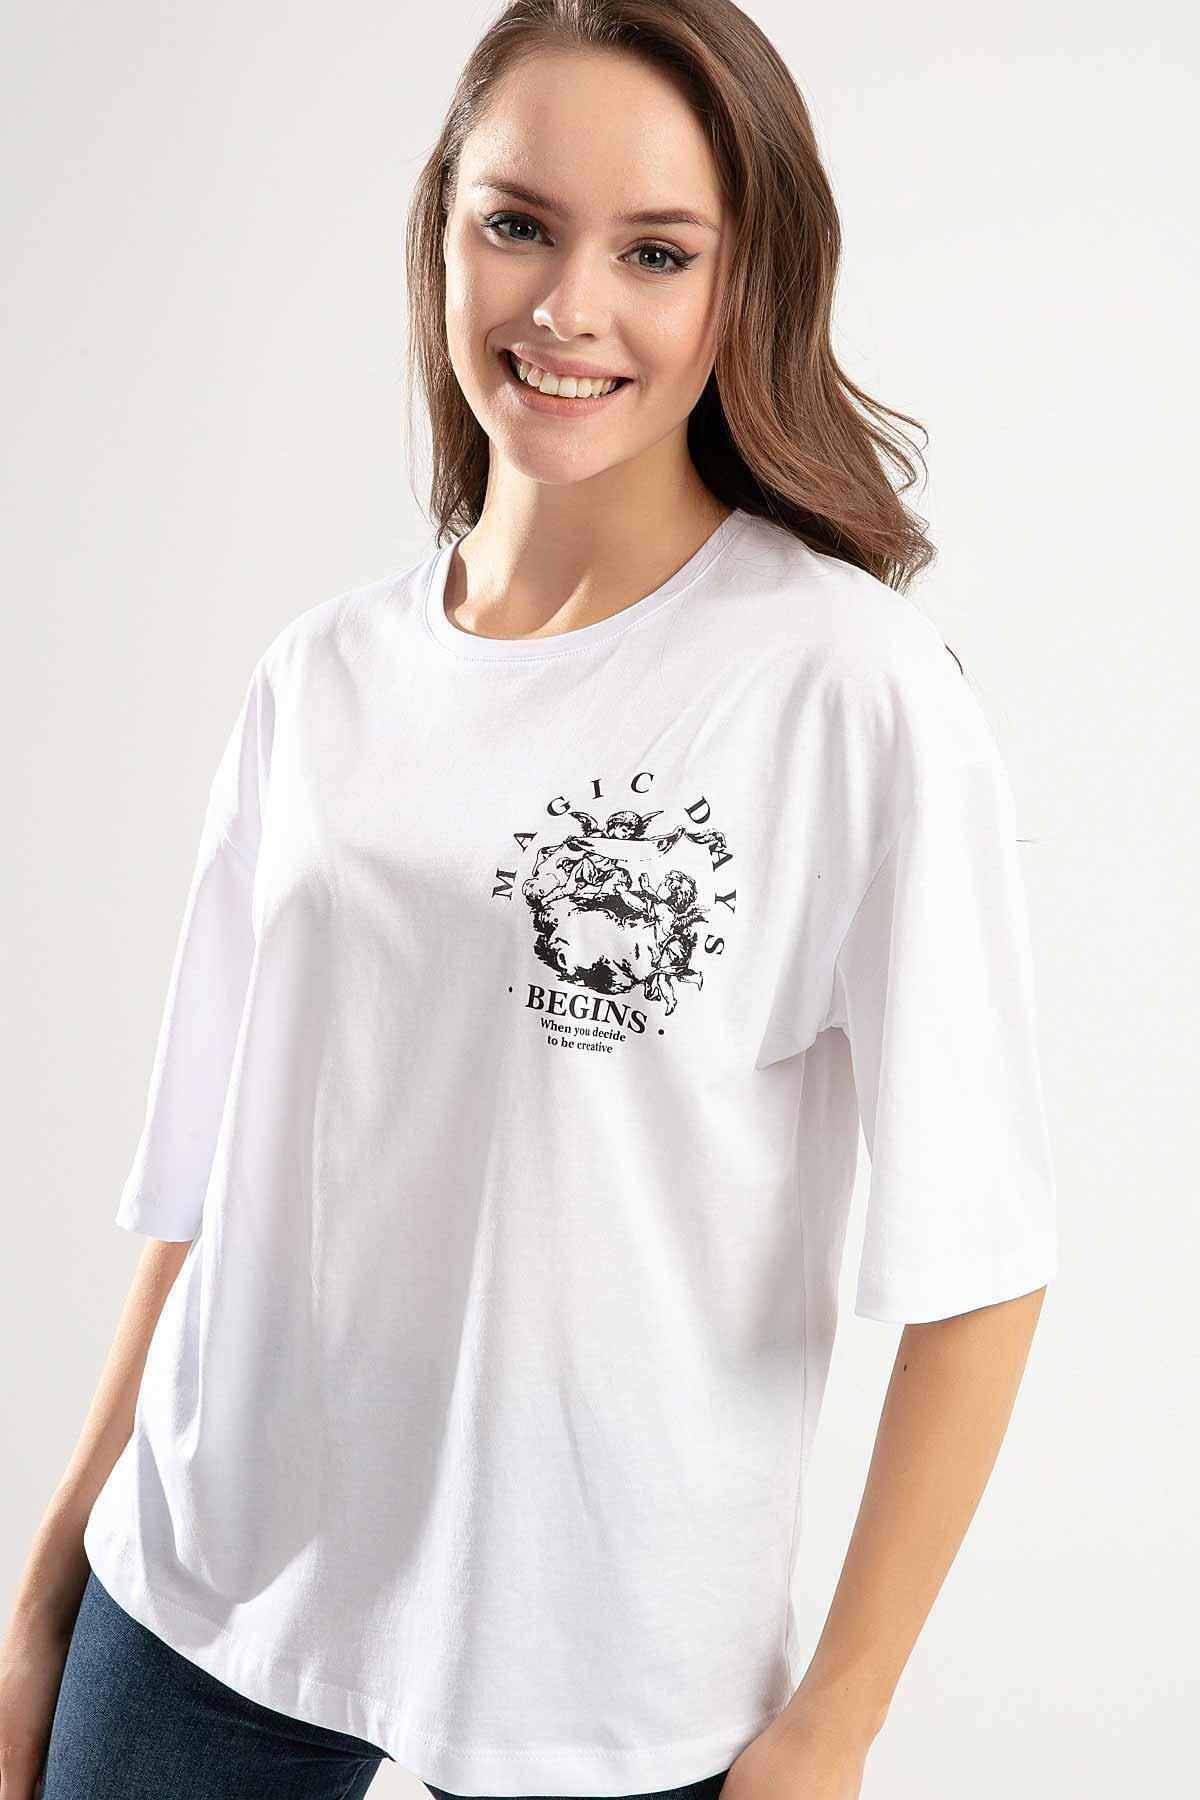 Pattaya Kadın Beyaz Melek Baskılı Bisiklet Yaka Tişört PTTY20S-4220 0